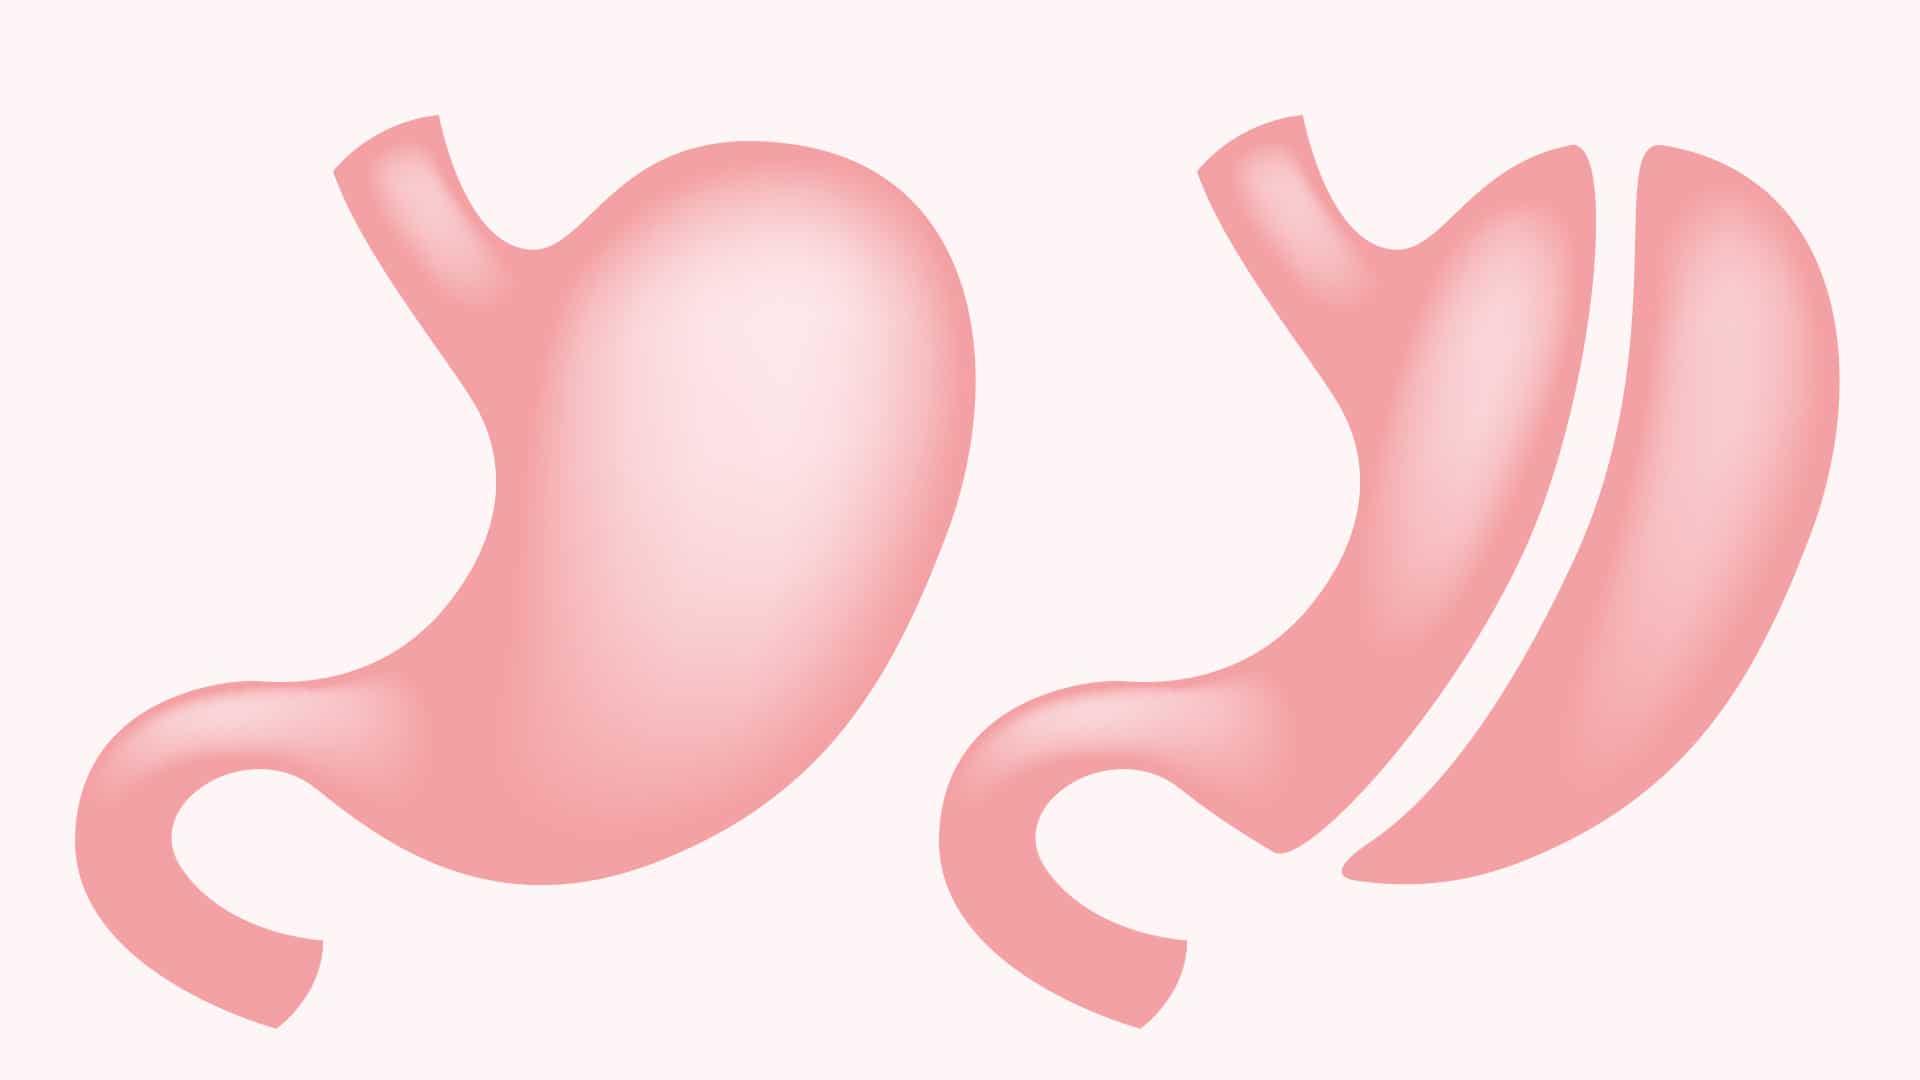 La sleeve gastrectomie : Quelles sont les conditions pour la faire - Dr Stéphane Servajean Paris